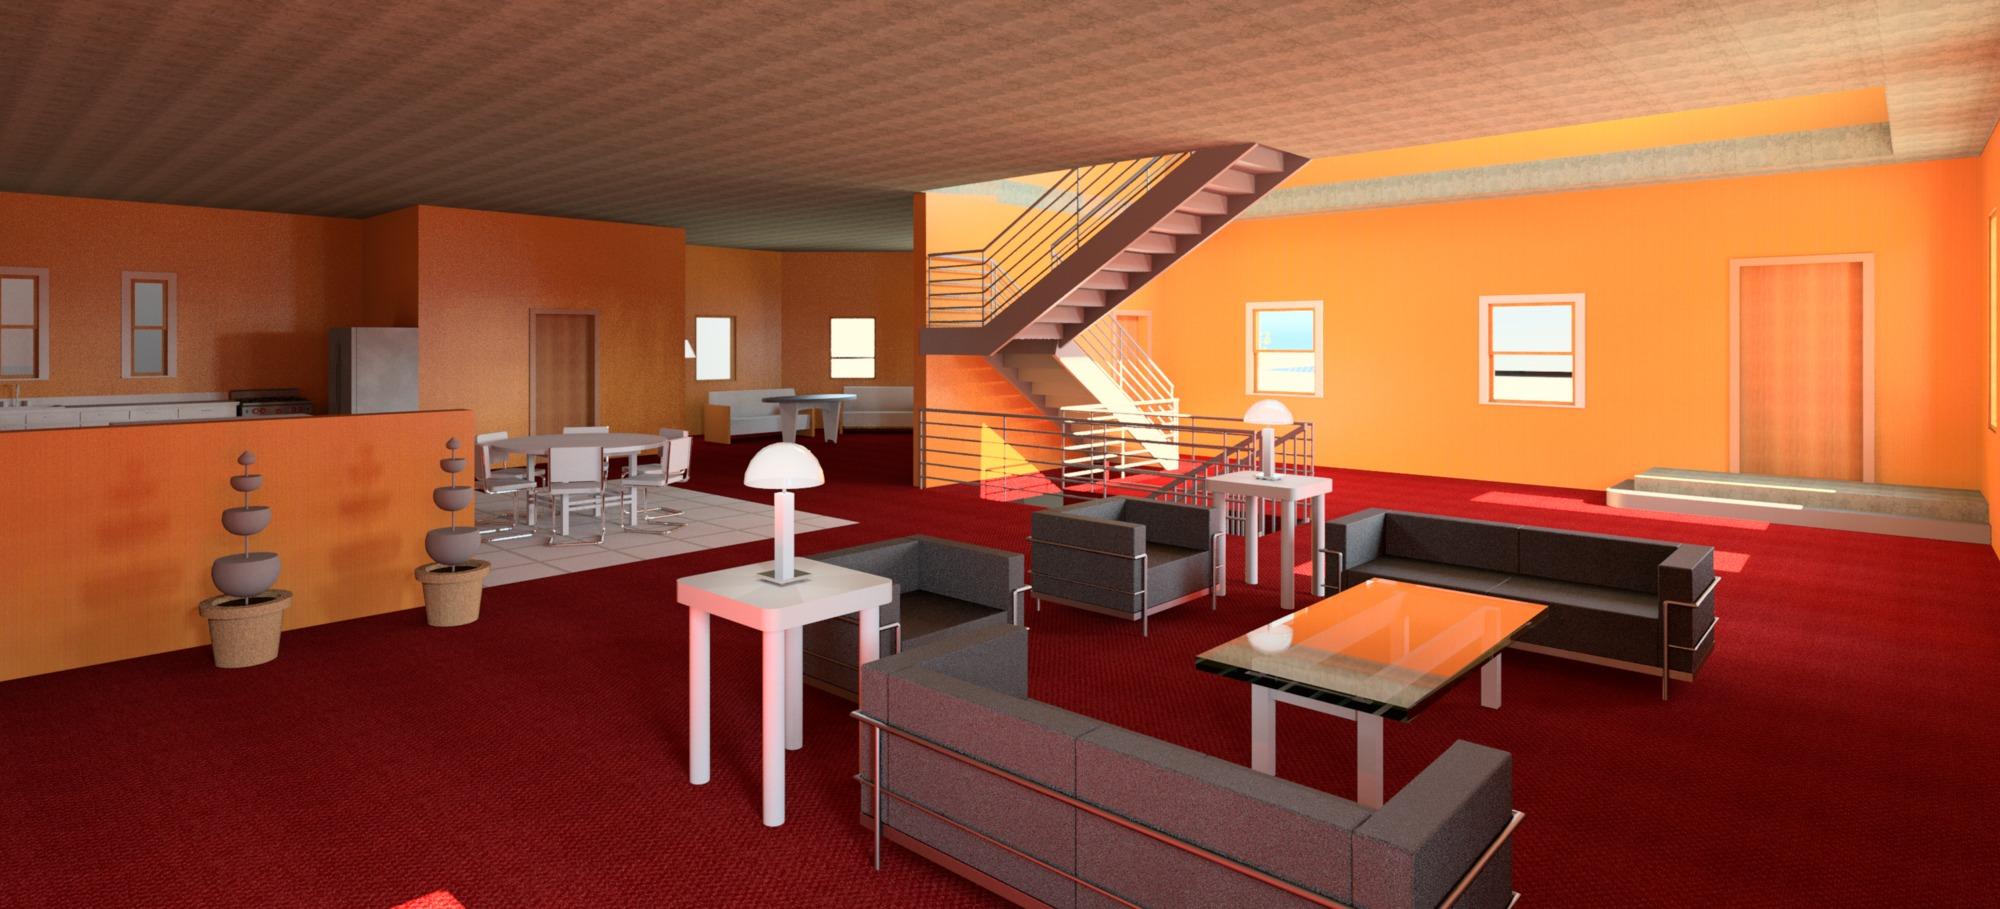 Raas-rendering20141110-22216-s924q4